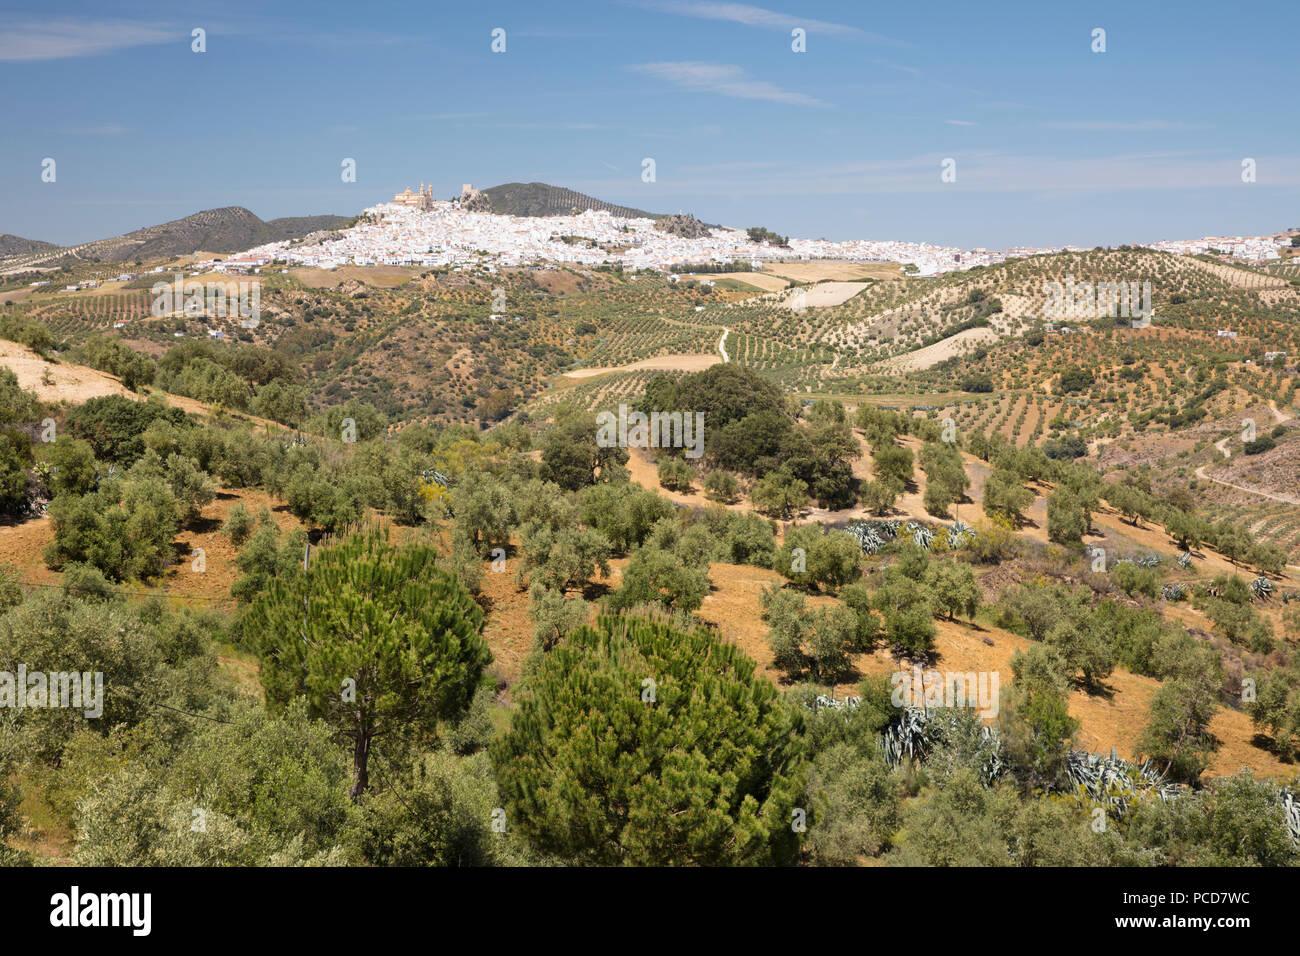 Típico paisaje andaluz con olivares y el pueblo blanco de Olvera, provincia de Cádiz, Andalucía, España, Europa Imagen De Stock